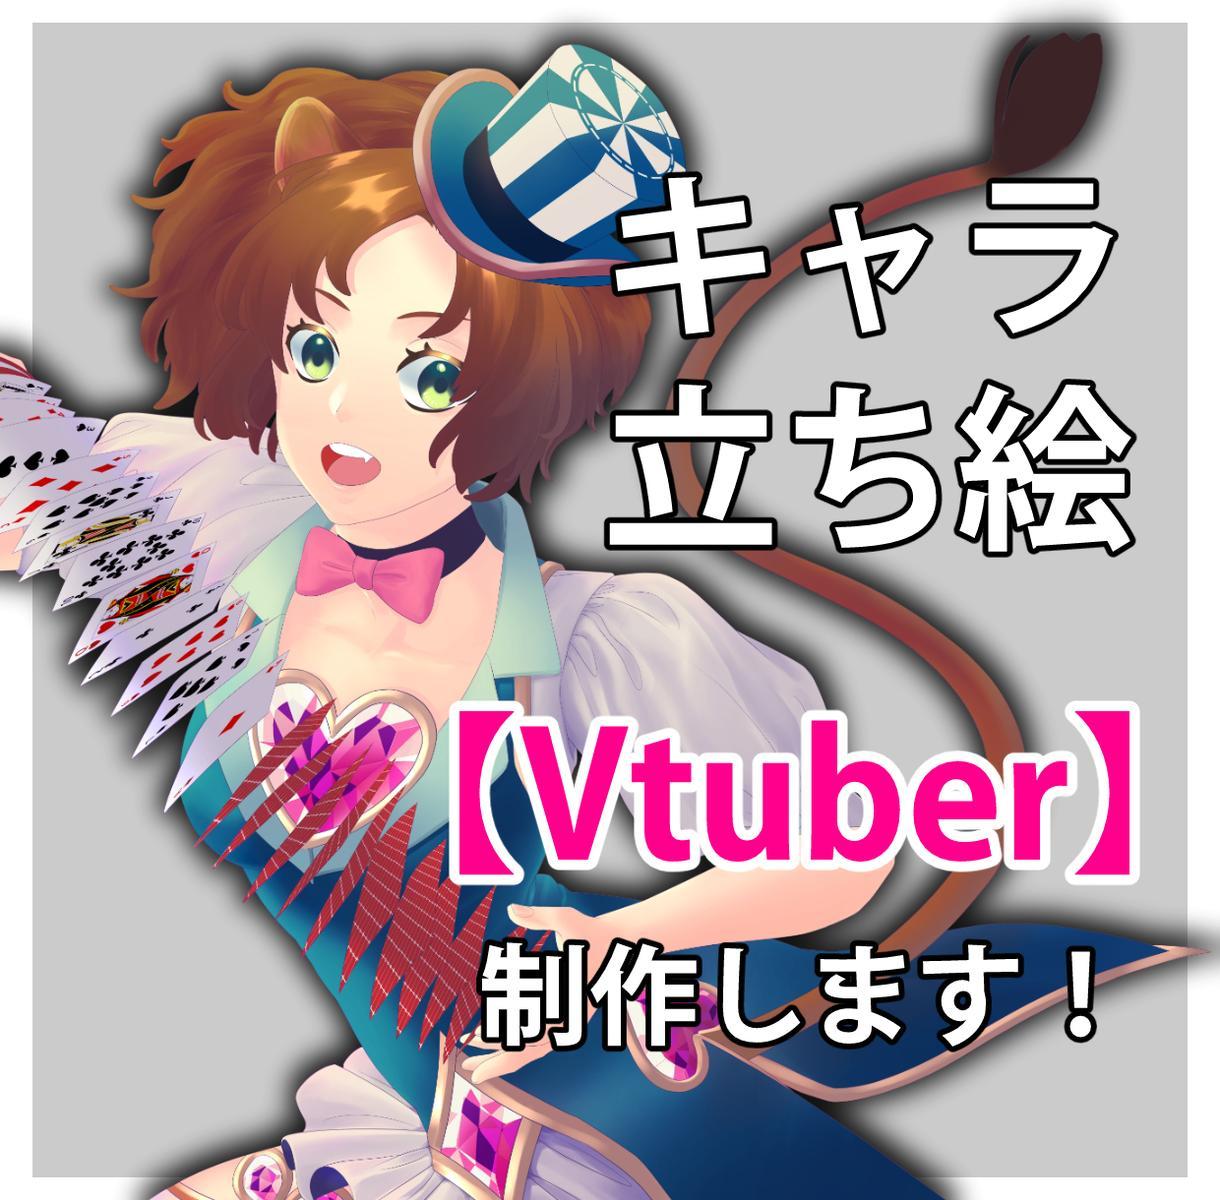 キャラクターデザイン・イラスト【商用可】描きます Vtuber・TRPG・配信などの立ち絵に! イメージ1